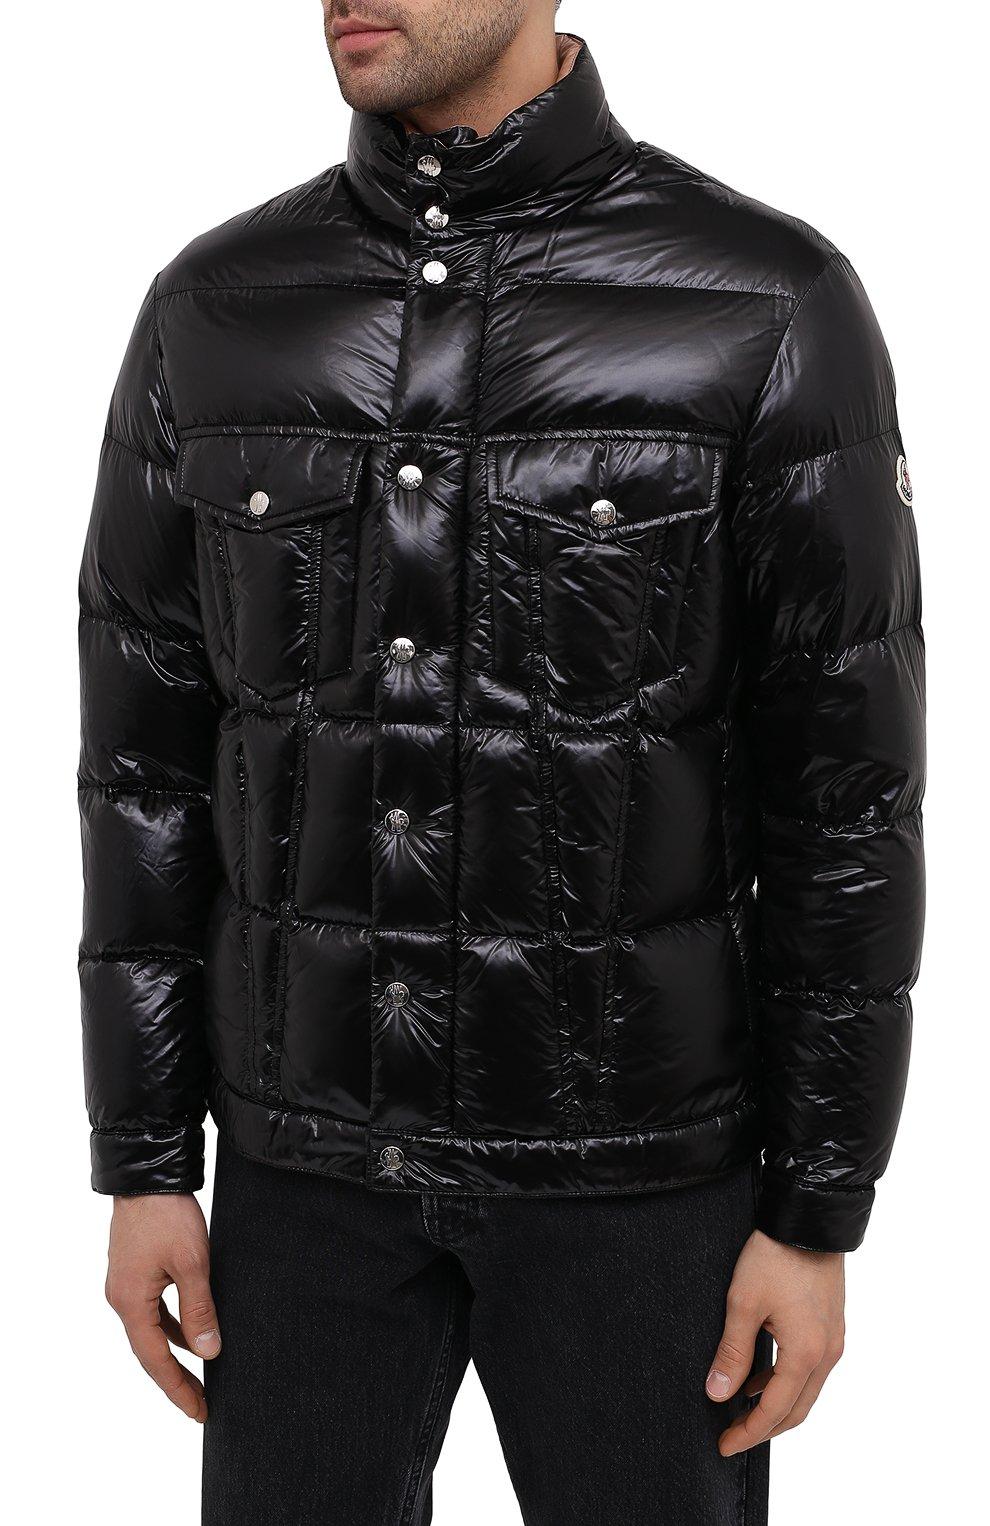 Мужская пуховая куртка montmirail MONCLER черного цвета, арт. F2-091-1A567-00-C0613 | Фото 3 (Кросс-КТ: Куртка, Пуховик; Мужское Кросс-КТ: пуховик-короткий, Пуховик-верхняя одежда, Верхняя одежда; Рукава: Длинные; Материал внешний: Синтетический материал; Материал подклада: Синтетический материал; Длина (верхняя одежда): Короткие; Материал утеплителя: Пух и перо; Стили: Кэжуэл)